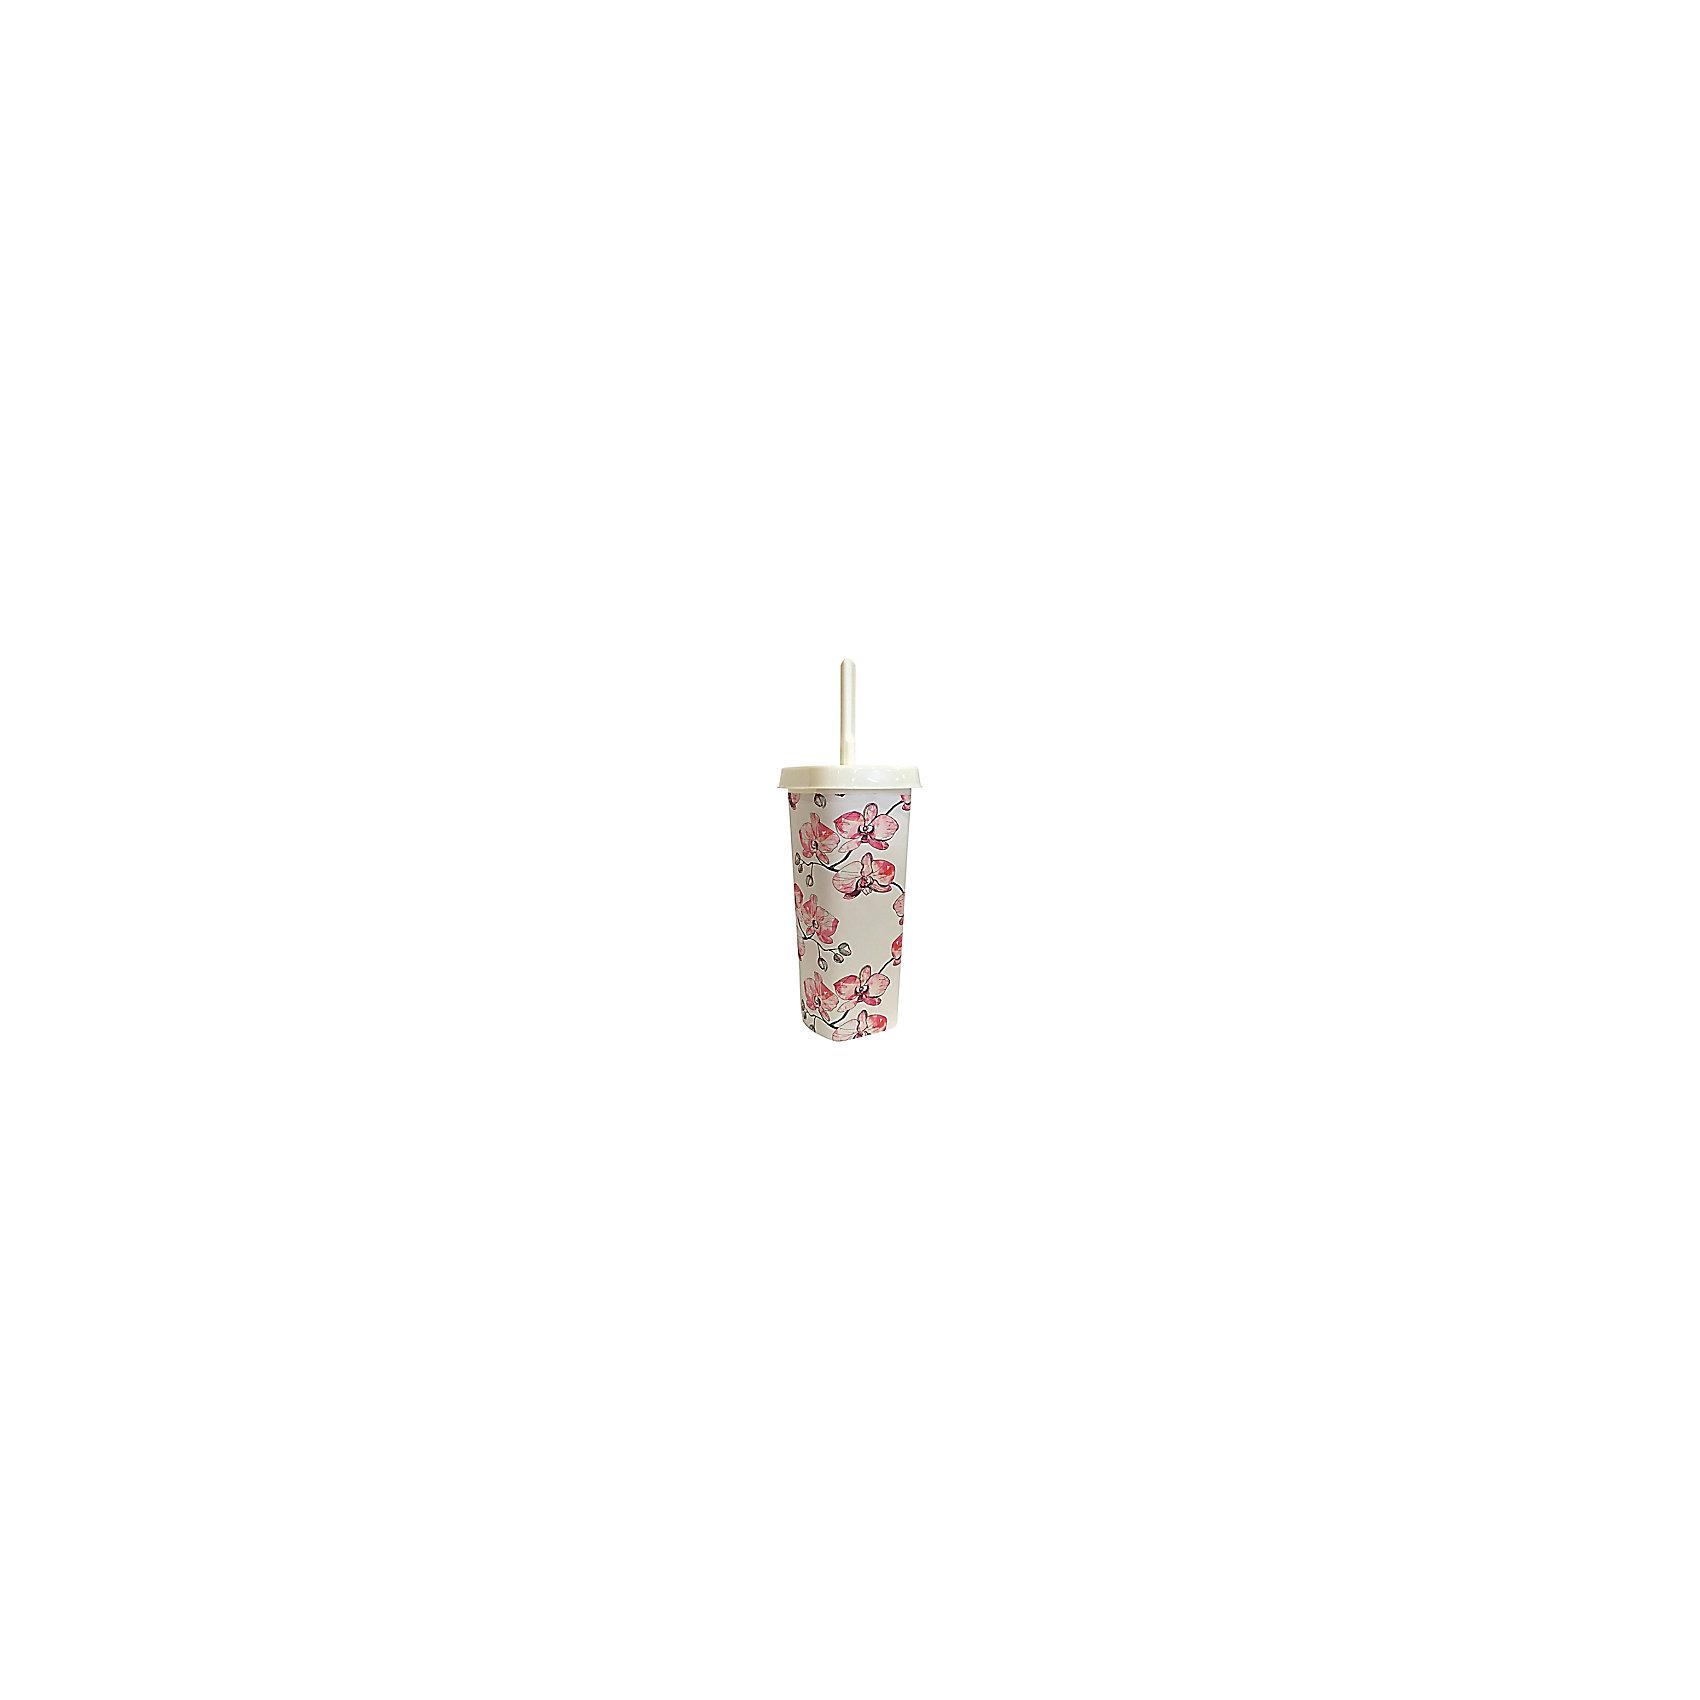 Комплект WC закрытый Квадра декор орхидеи, SvipТовары для купания<br>Комплект WC закрытый Квадра декор орхидеи, Svip<br><br>Характеристики:<br><br>• Материал: пластик<br>• Цвет: бежевый<br>• В комплекте: 1 штука<br><br>Комплект предназначен для очистки сантехники и выполнен из материала высокого качества, что позволяет ему оставаться прочным и не трескаться даже при сильном нажатии. Поверхность декорирована рисунками цветов. Ерш для очистки хранится в глубоком стакане, что обеспечивает большую гигиеничность вашей туалетной комнаты.<br><br>Комплект WC закрытый Квадра декор орхидеи, Svip можно купить в нашем интернет-магазине.<br><br>Ширина мм: 120<br>Глубина мм: 120<br>Высота мм: 370<br>Вес г: 227<br>Возраст от месяцев: 216<br>Возраст до месяцев: 1188<br>Пол: Унисекс<br>Возраст: Детский<br>SKU: 5545653